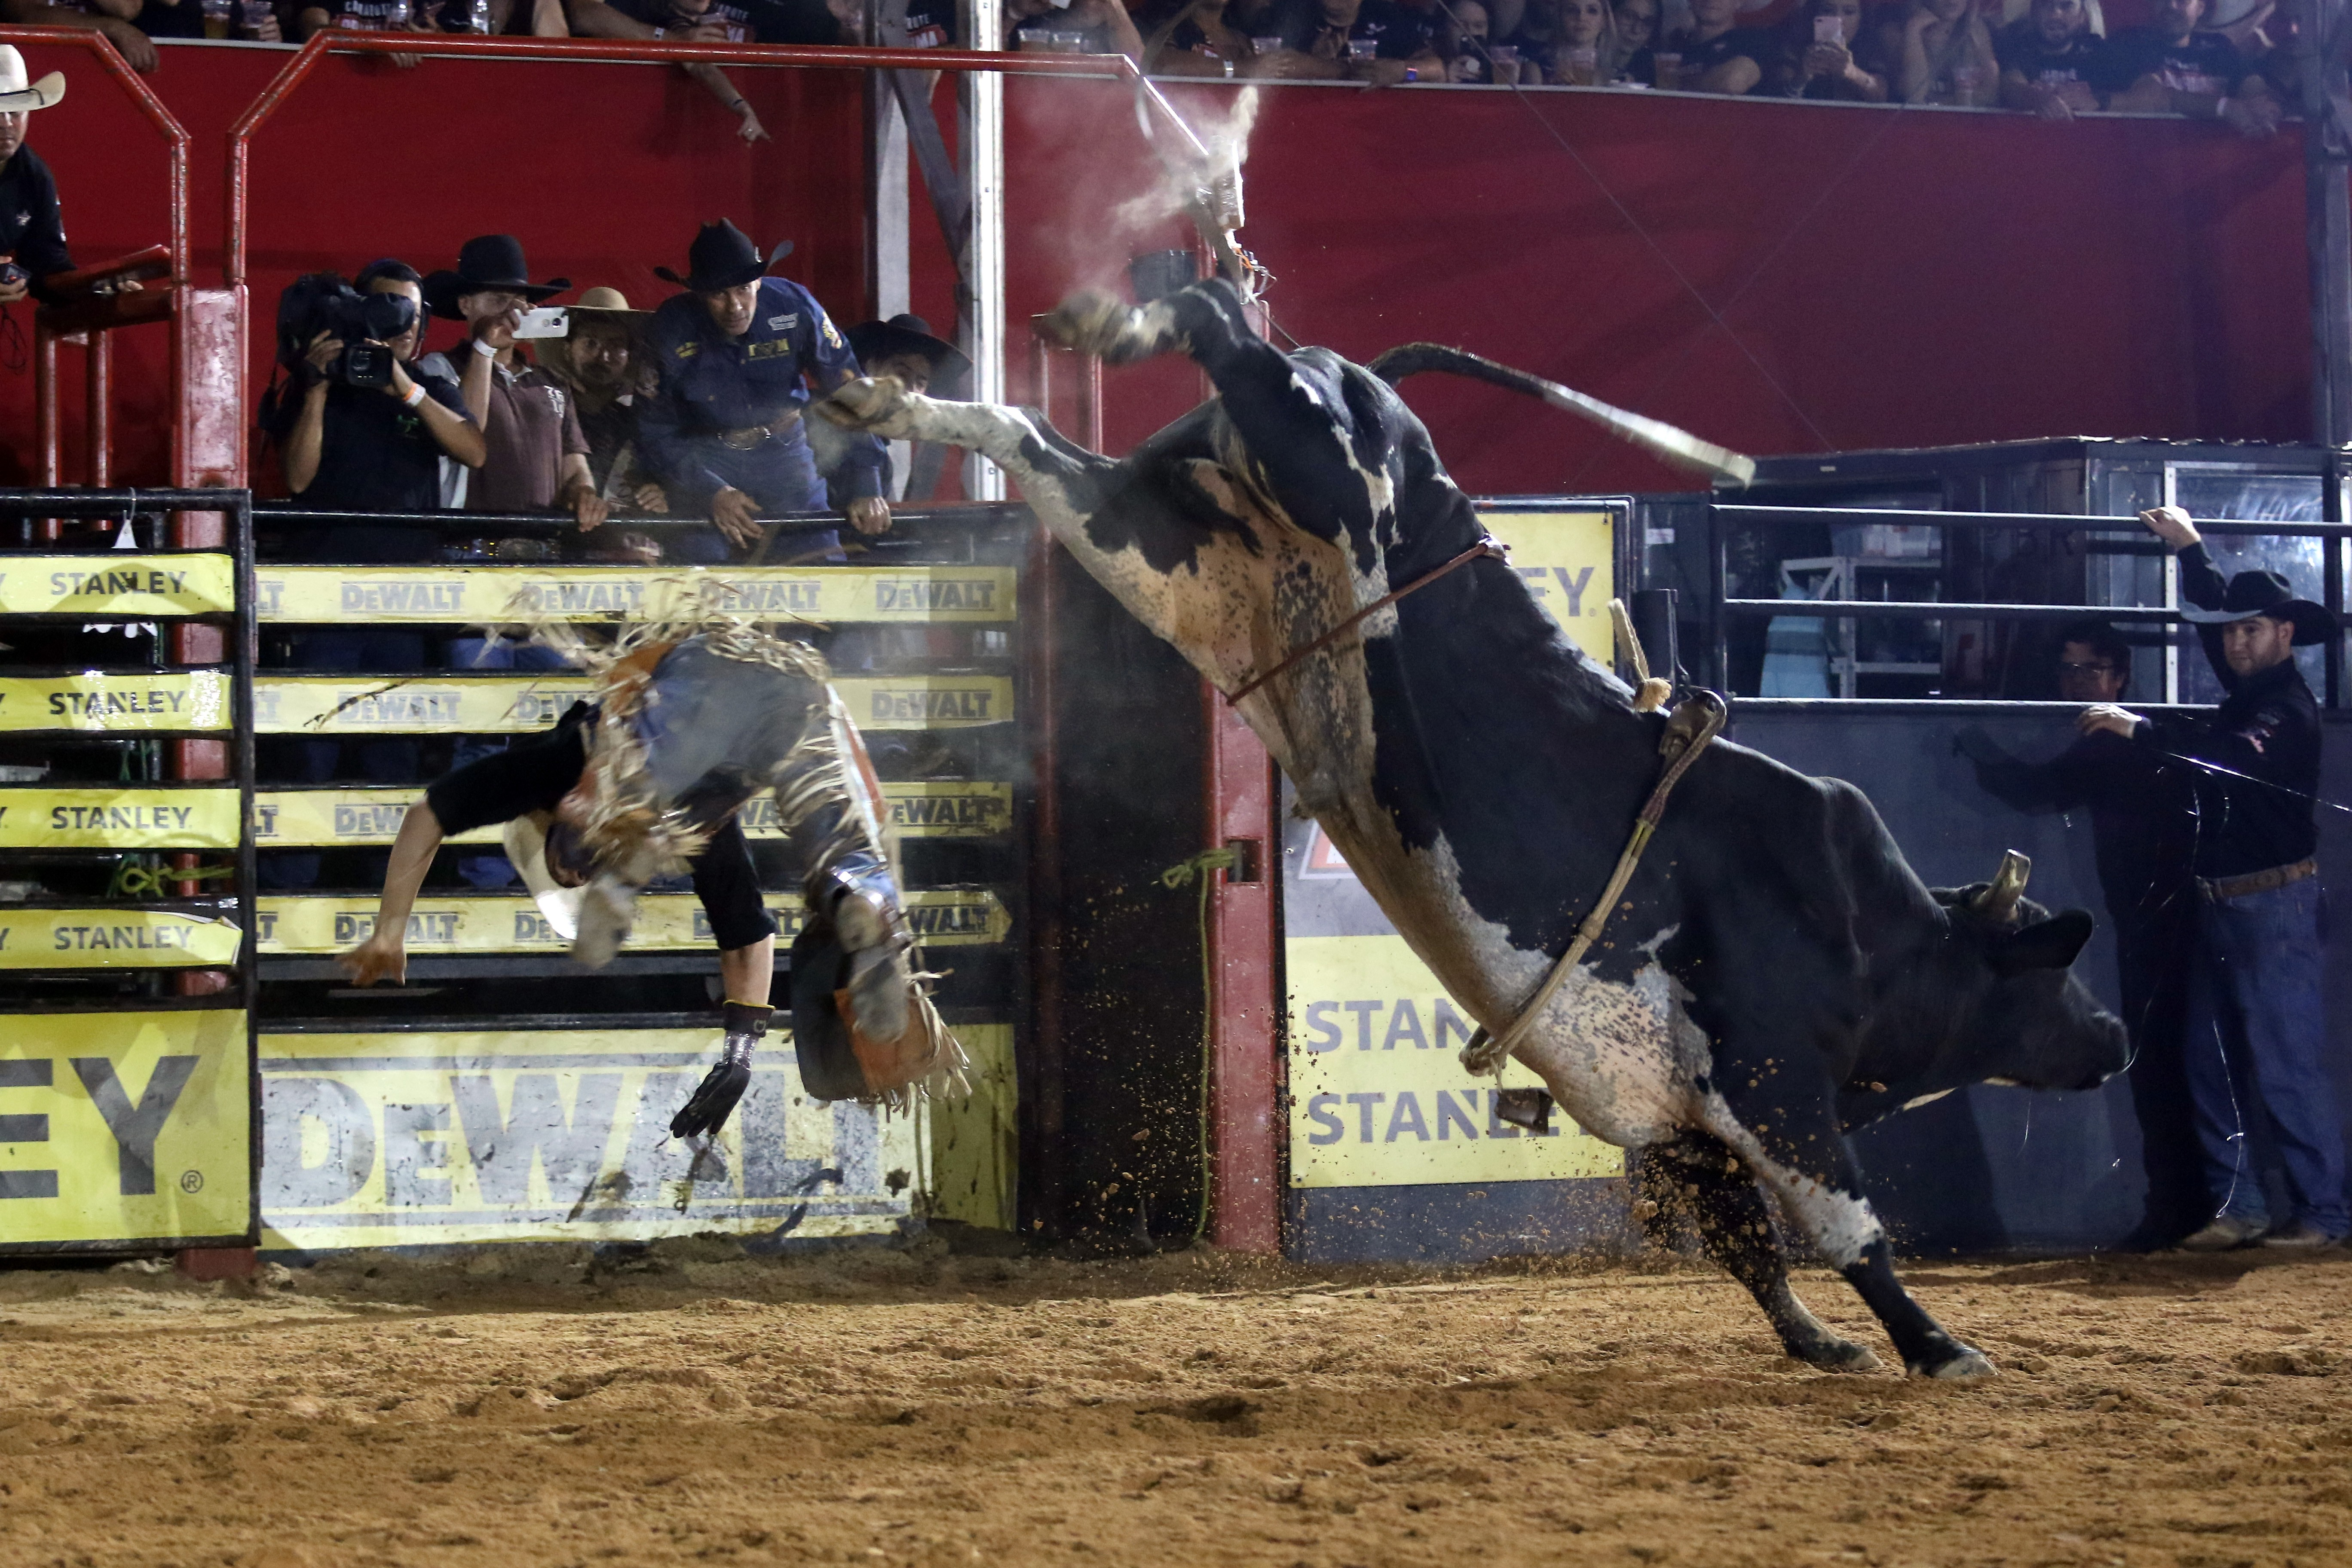 Rodeio de Jaguariúna recebe estilo de montaria em touros disputado pela 1ª vez no Brasil - Notícias - Plantão Diário